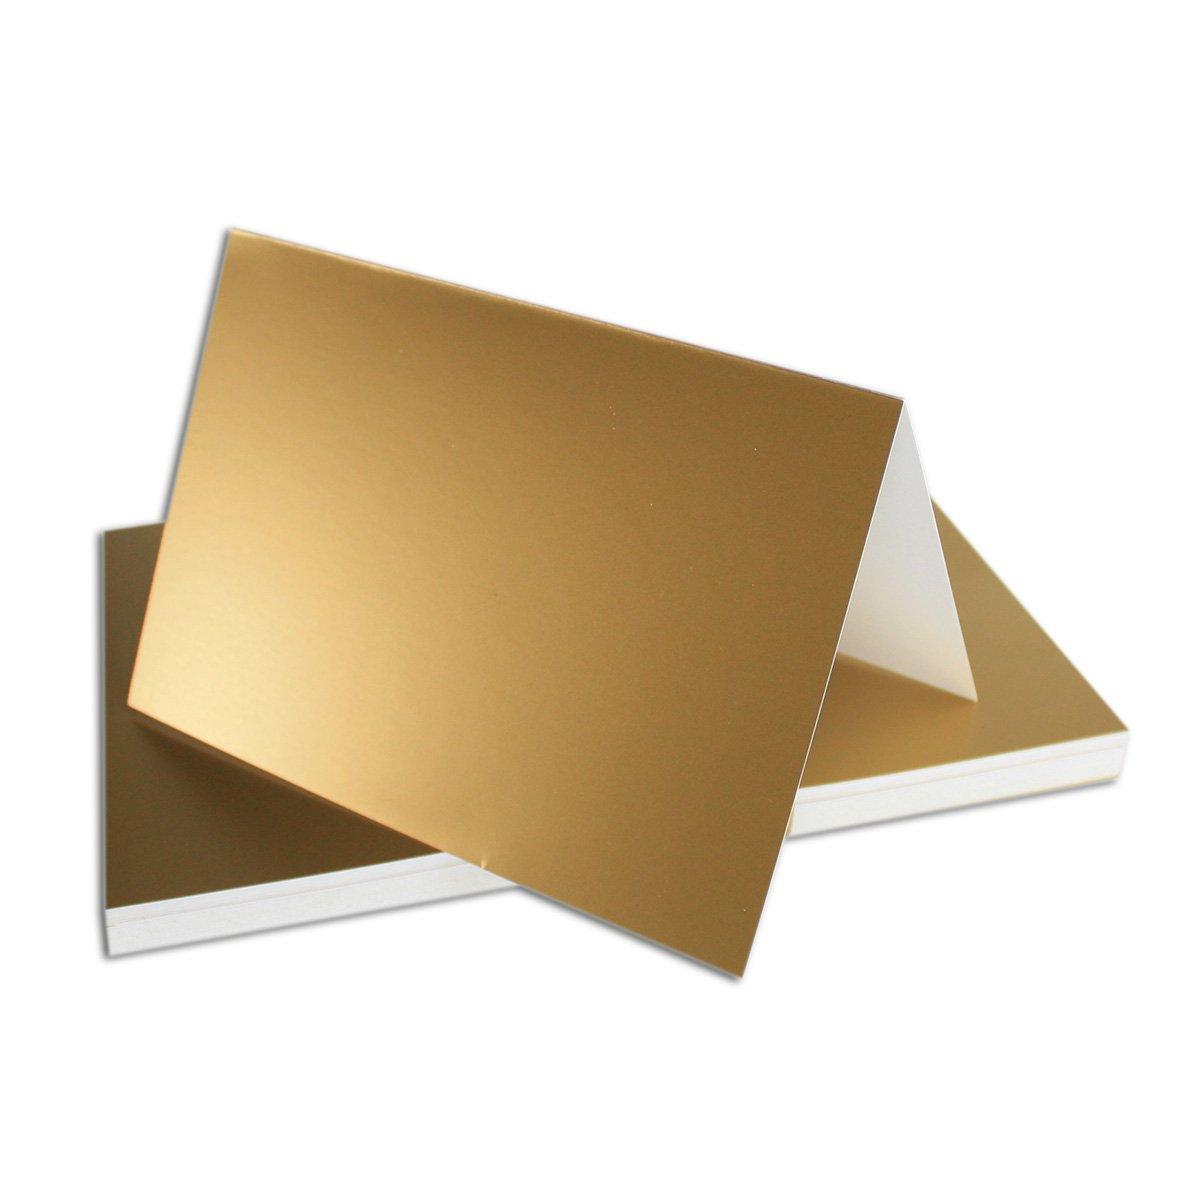 250x Falt-Karten DIN A6 Blanko Doppel-Karten in Hochweiß Kristallweiß -10,5 x 14,8 cm   Premium Qualität   FarbenFroh® B07C9DC79F | Kostengünstiger